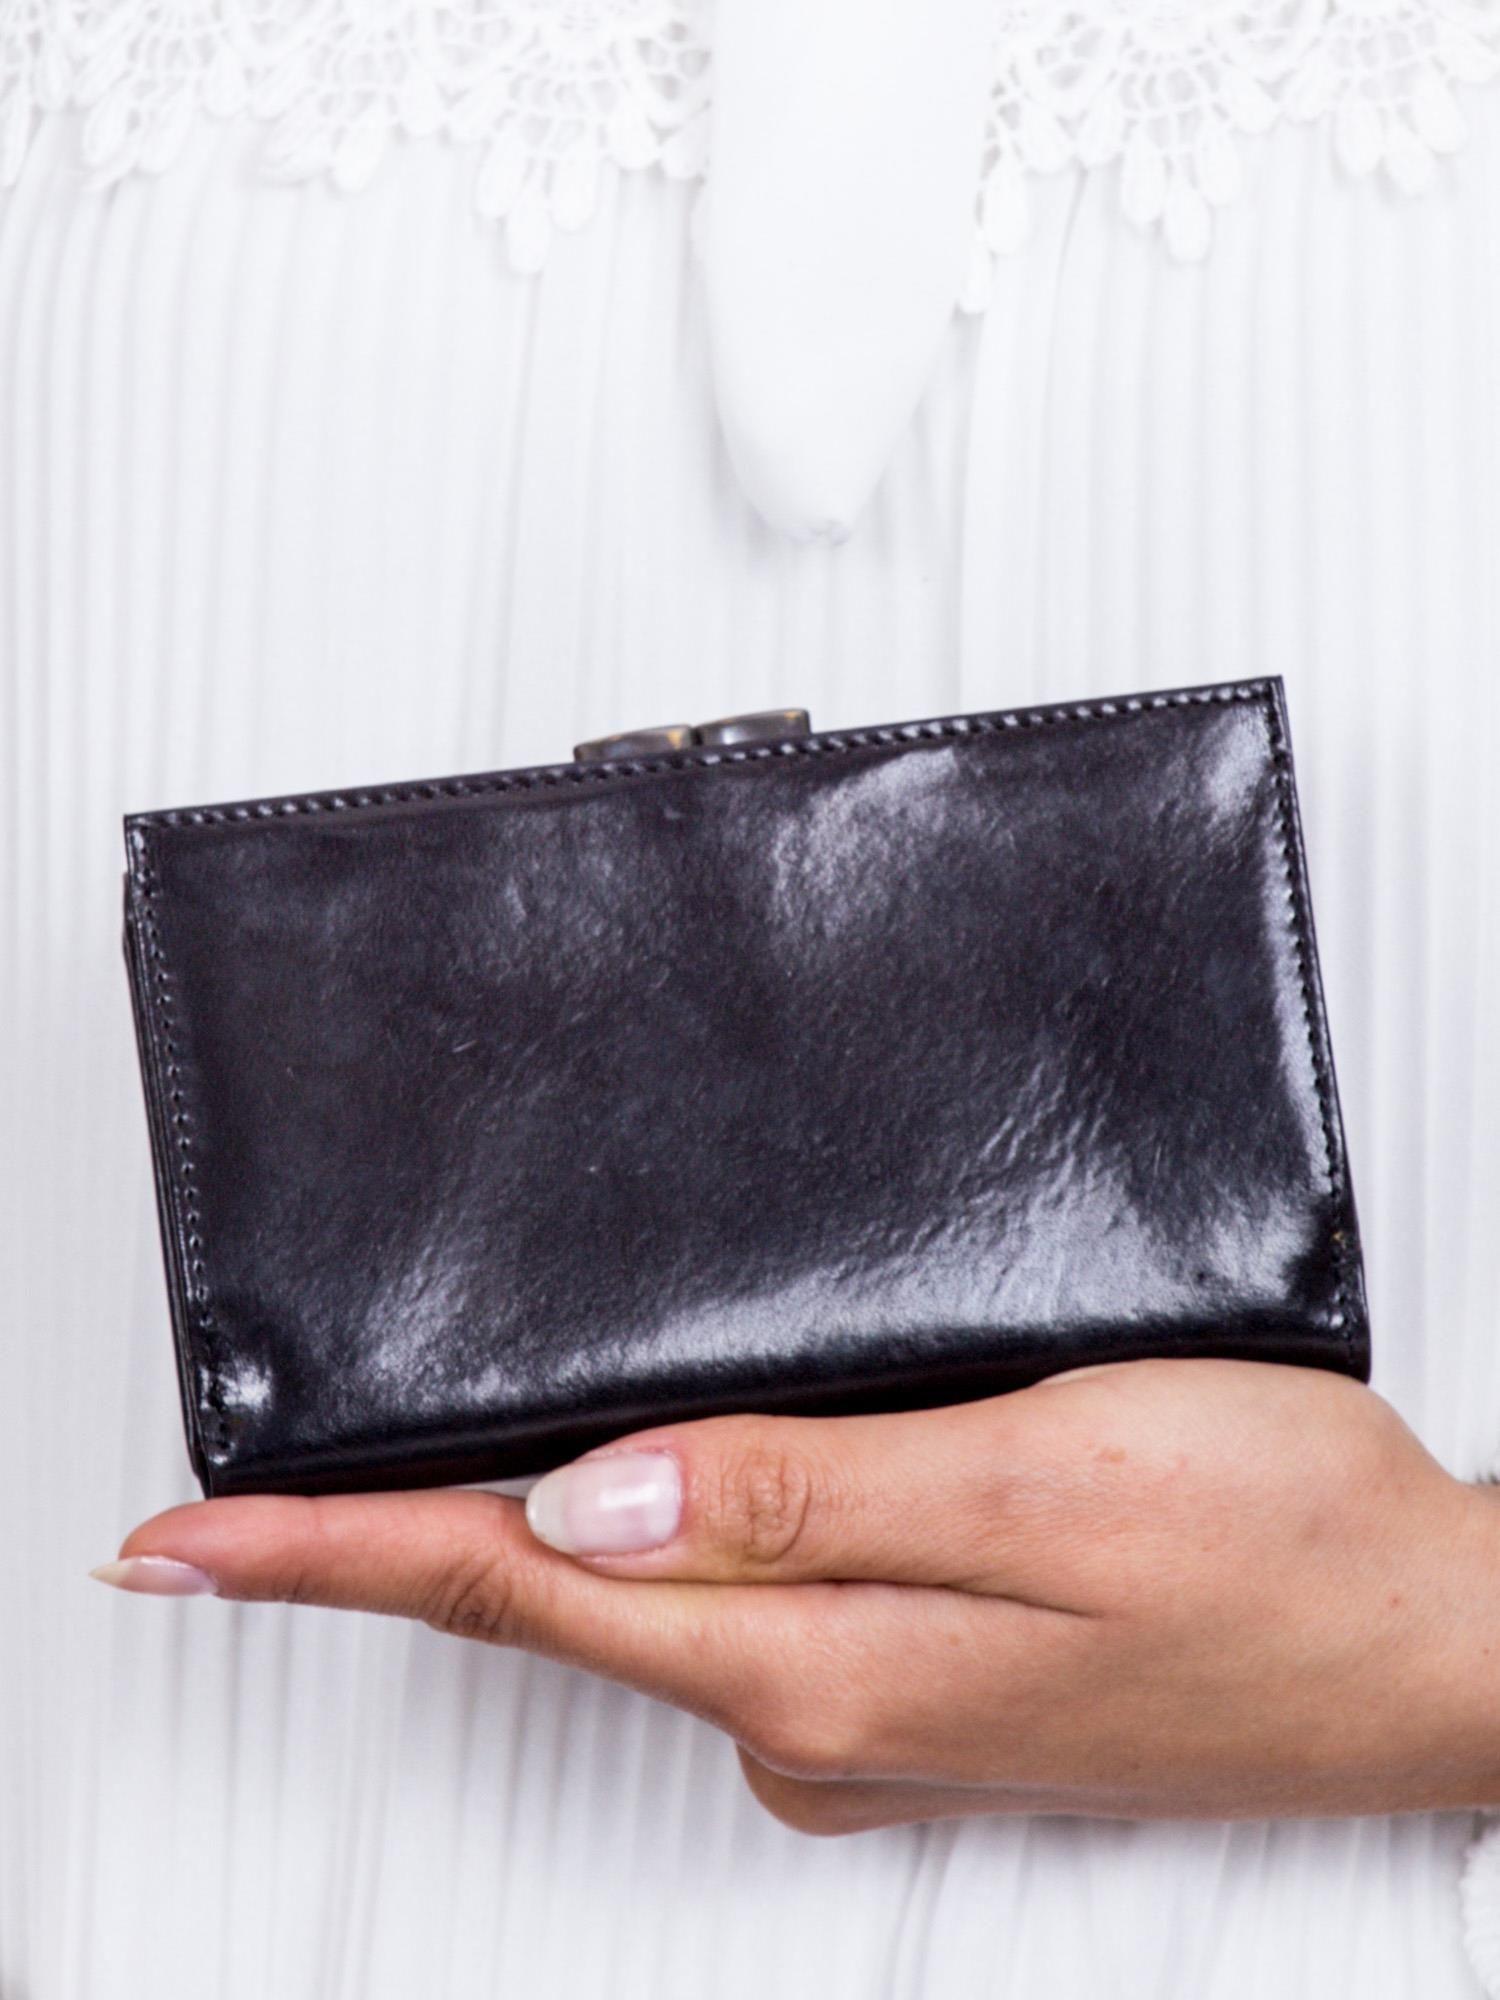 526b4111b5e92 Czarny portfel damski z tłoczeniem - Akcesoria portfele - sklep eButik.pl